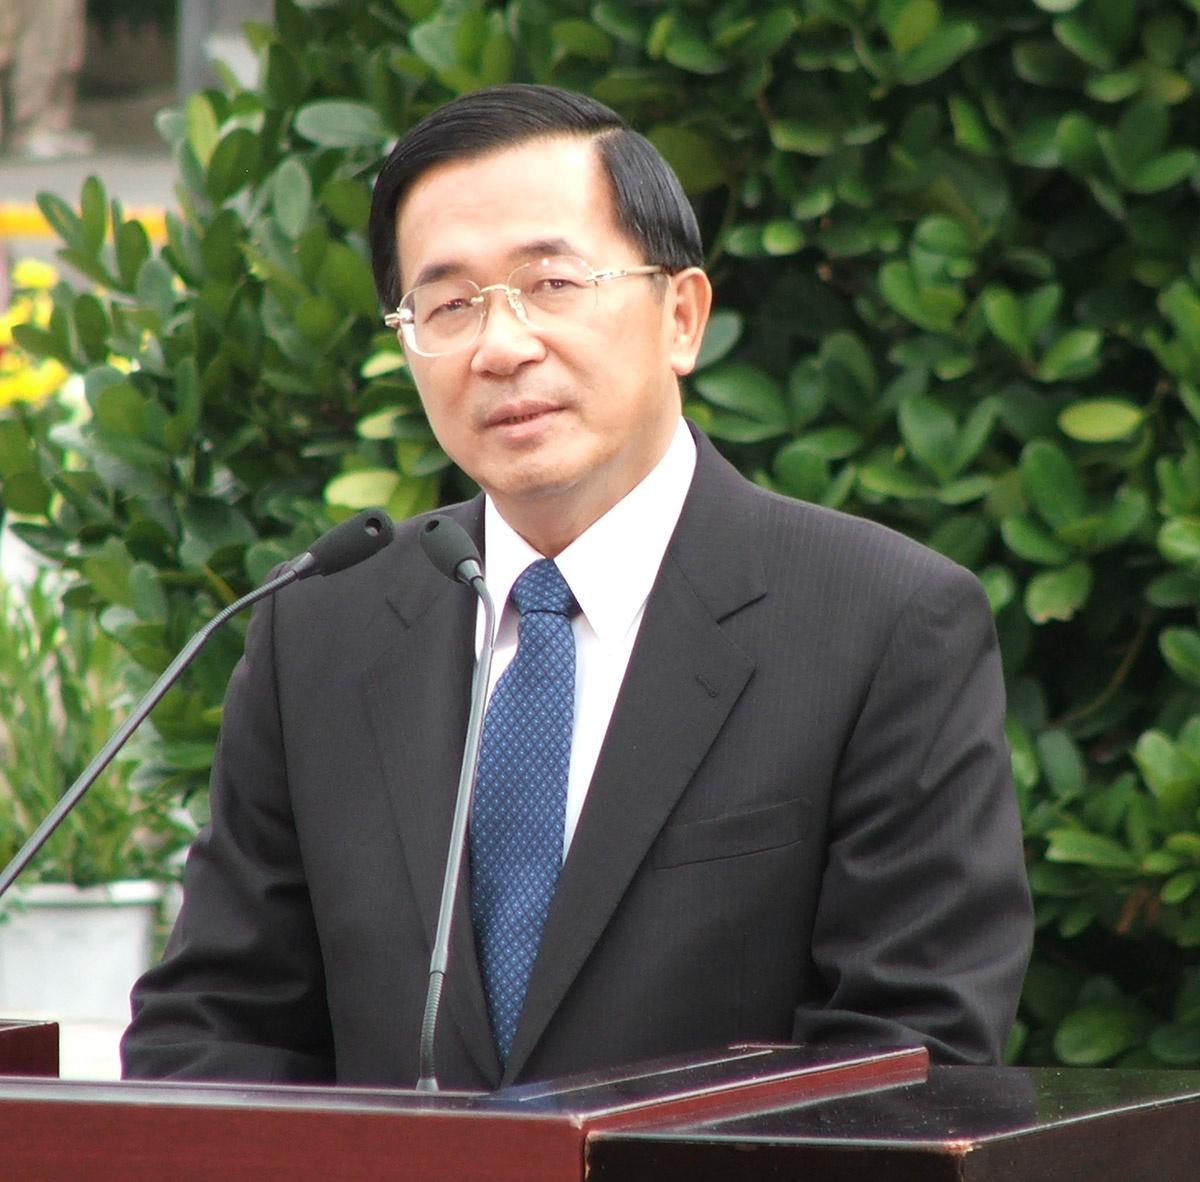 Отношения между КНР и Тайванем ухудшились в 2000 году, когда президентом на острове избрали Чэнь Шуйбяня, открыто поддерживавшего курс на независимость.